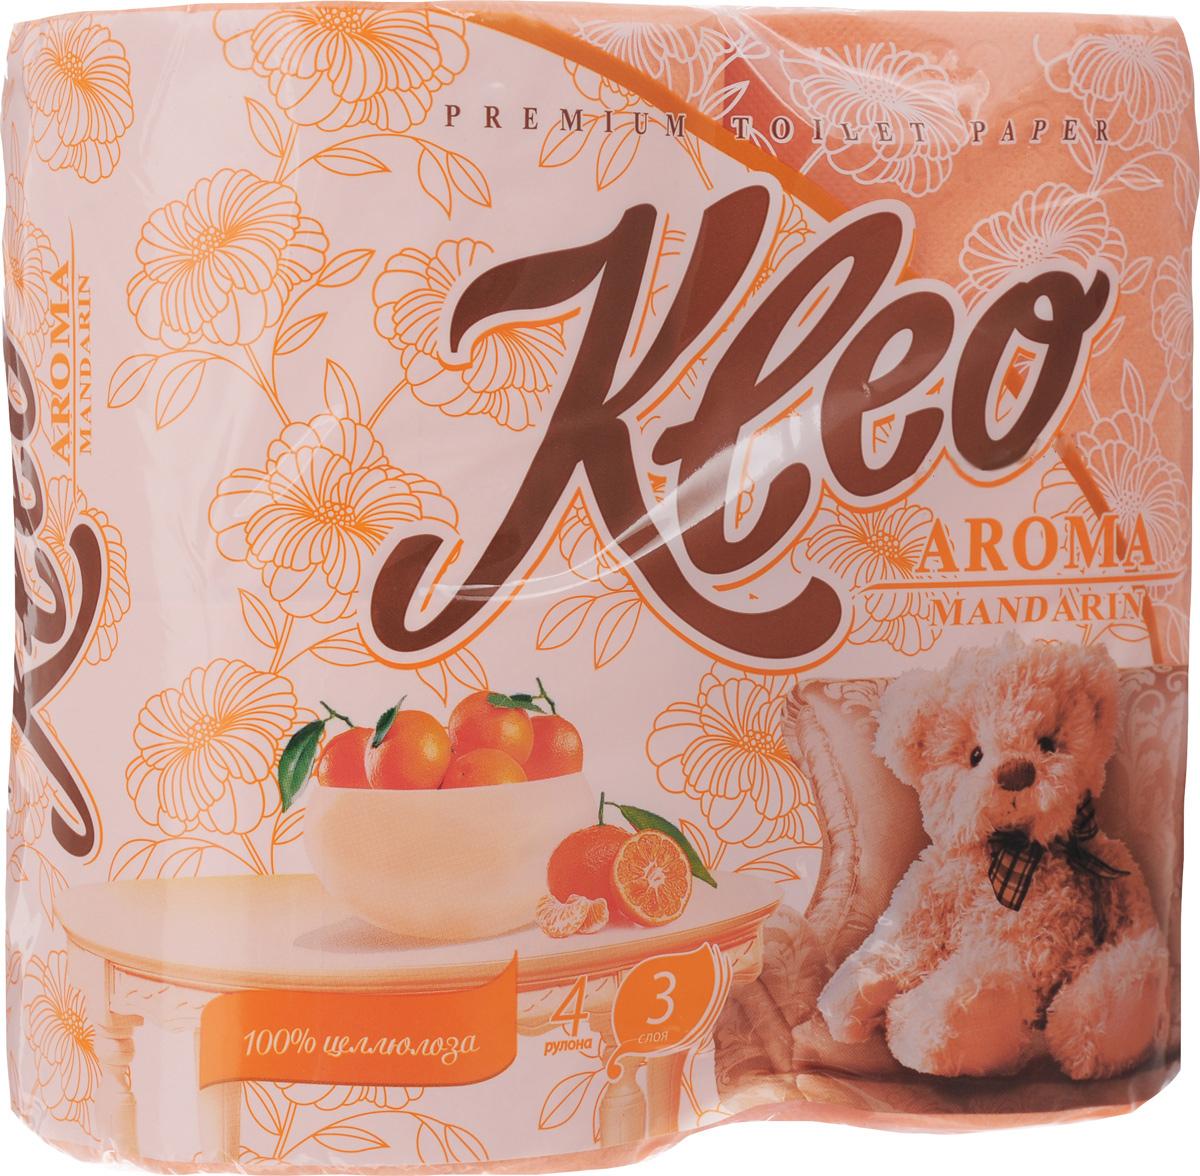 Туалетная бумага Kleo Aroma. Мандарин, ароматизированная, трехслойная, 4 рулонаС-98Ароматизированная туалетная бумага Kleo Aroma. Mandarin, выполненная из натуральной целлюлозы и обладает приятным ароматом цитруса. Трехслойная туалетная бумага мягкая, нежная, но в тоже время прочная, с отрывом по линии перфорации. Листы имеют рисунок с тиснением. Количество листов: 168 шт. Количество слоев: 3. Размер листа: 12,5 х 9,6 см. Состав: 100% целлюлоза.